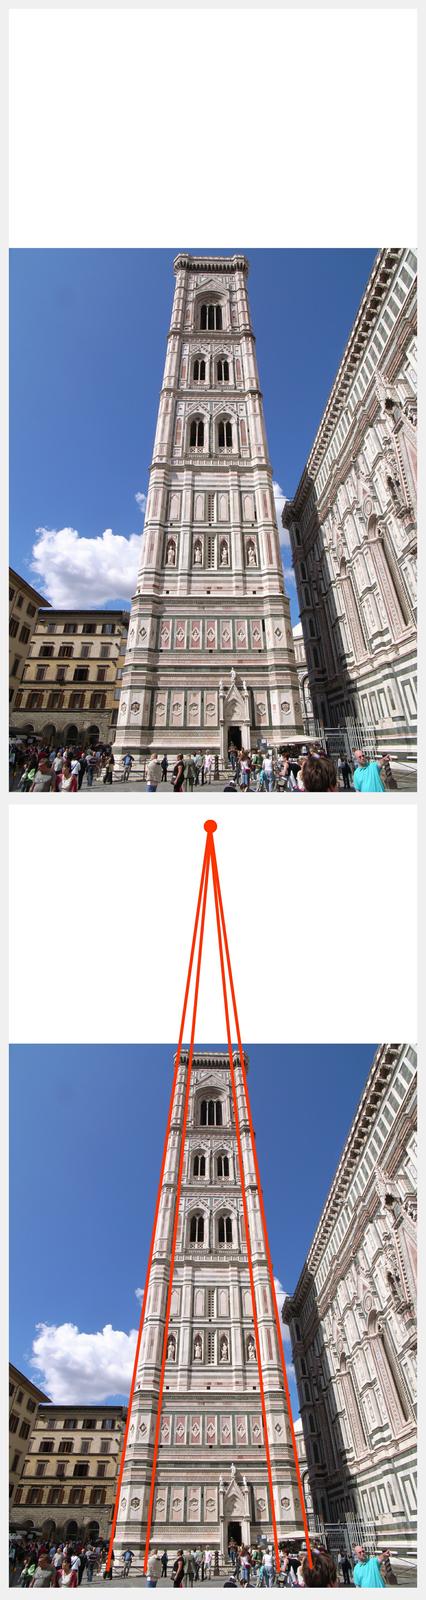 """Ilustracja interaktywna przedstawia fotografię dzwonnicy Giotta ujętą od dołu. Jest to wieża okwadratowej podstawie zgraniastymi wzmocnieniami wnarożnikach. Elewacje zostały obłożone kolorowymi płytami marmuru okolorze białym iróżowym. Od połowy wieży widać trzy kondygnacje strzelistych okien. Wtle niebieskie niebo. Wprawym, dolnym rogu, na niebieskim kwadratowym tle znajduje się litera """"i"""" . Odwrócona ilustracja przedstawia tę samą fotografię znaniesionymi czerwonymi liniami, poprowadzonymi wzdłuż krawędzi dzwonnicy. Linie łączą się ugóry, wpunkcie poza fotografią."""